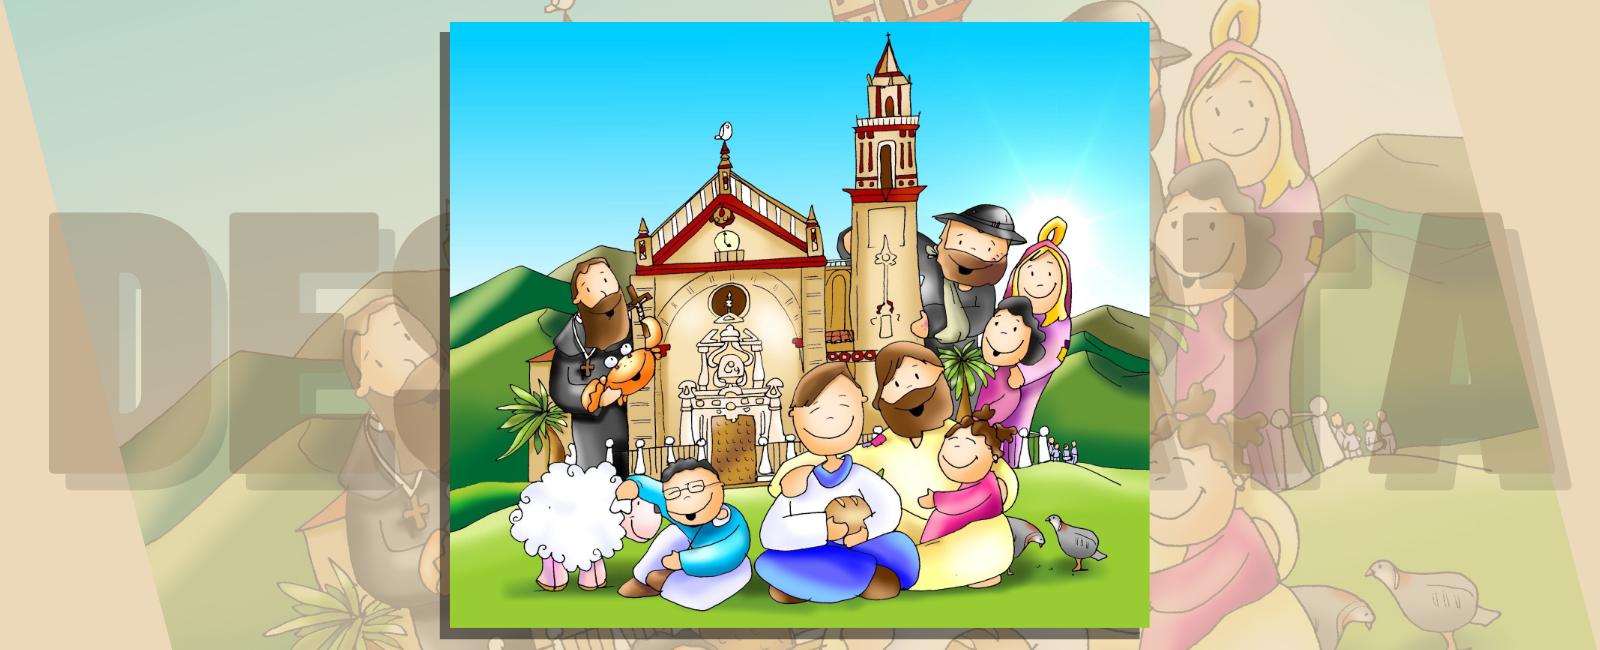 Parroquia San Francisco de Asís - Evangelio Domingo 29 de Noviembre 2020